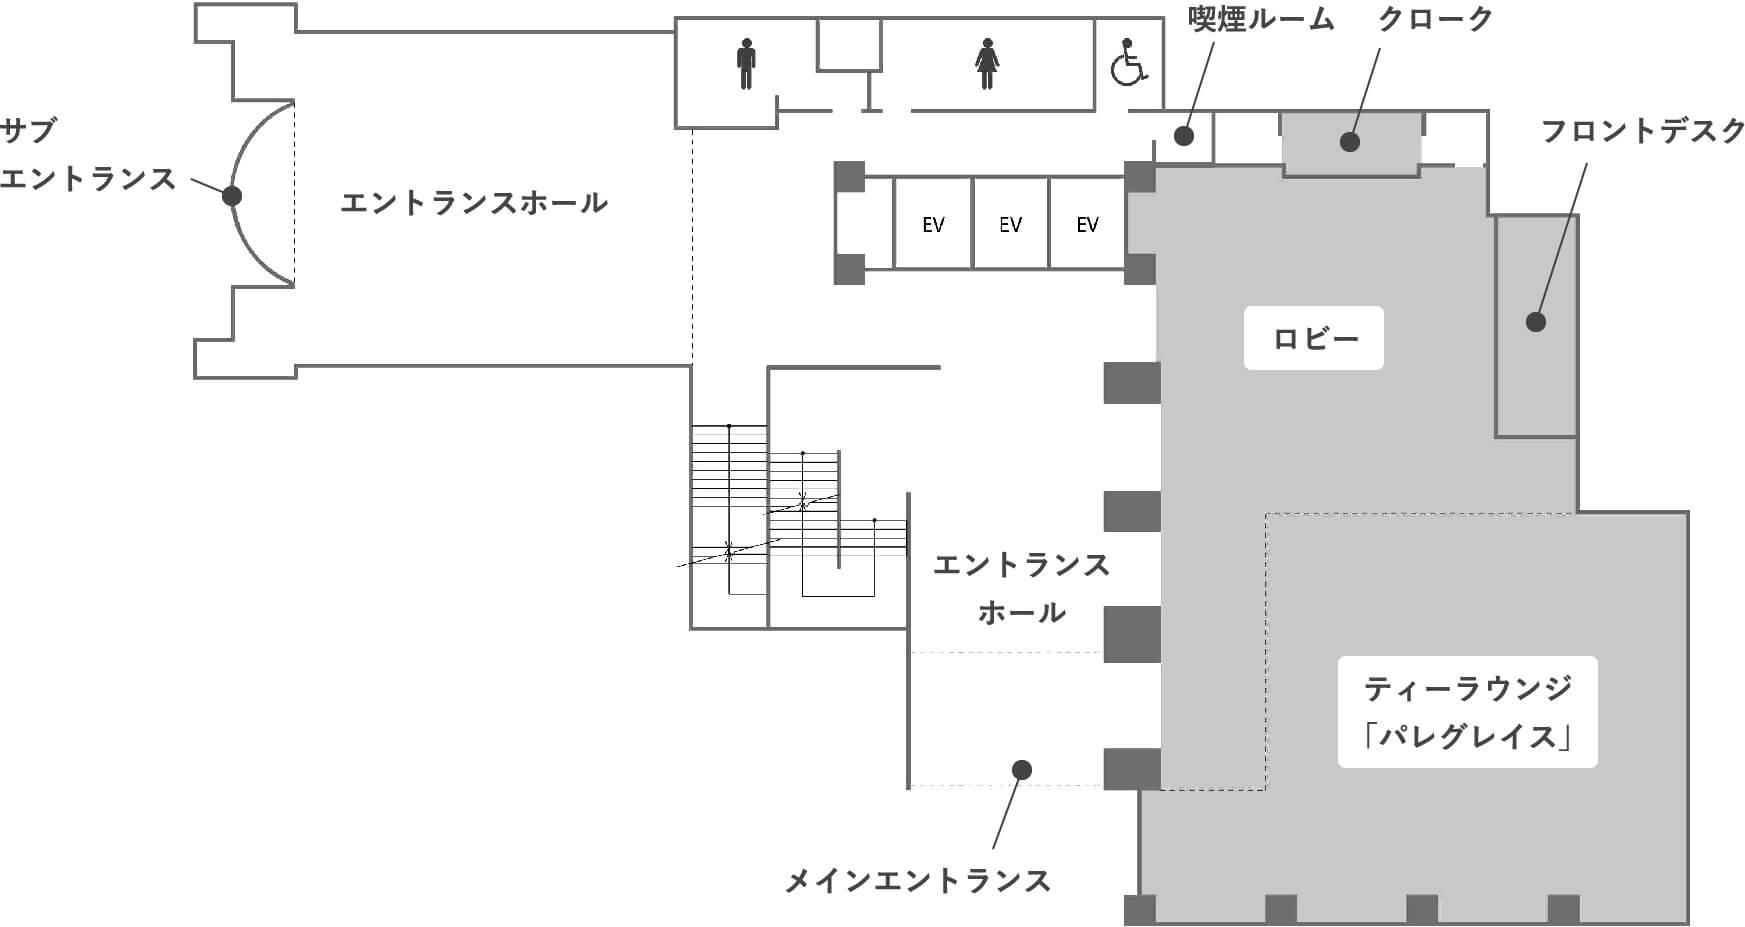 1階のフロアマップ画像